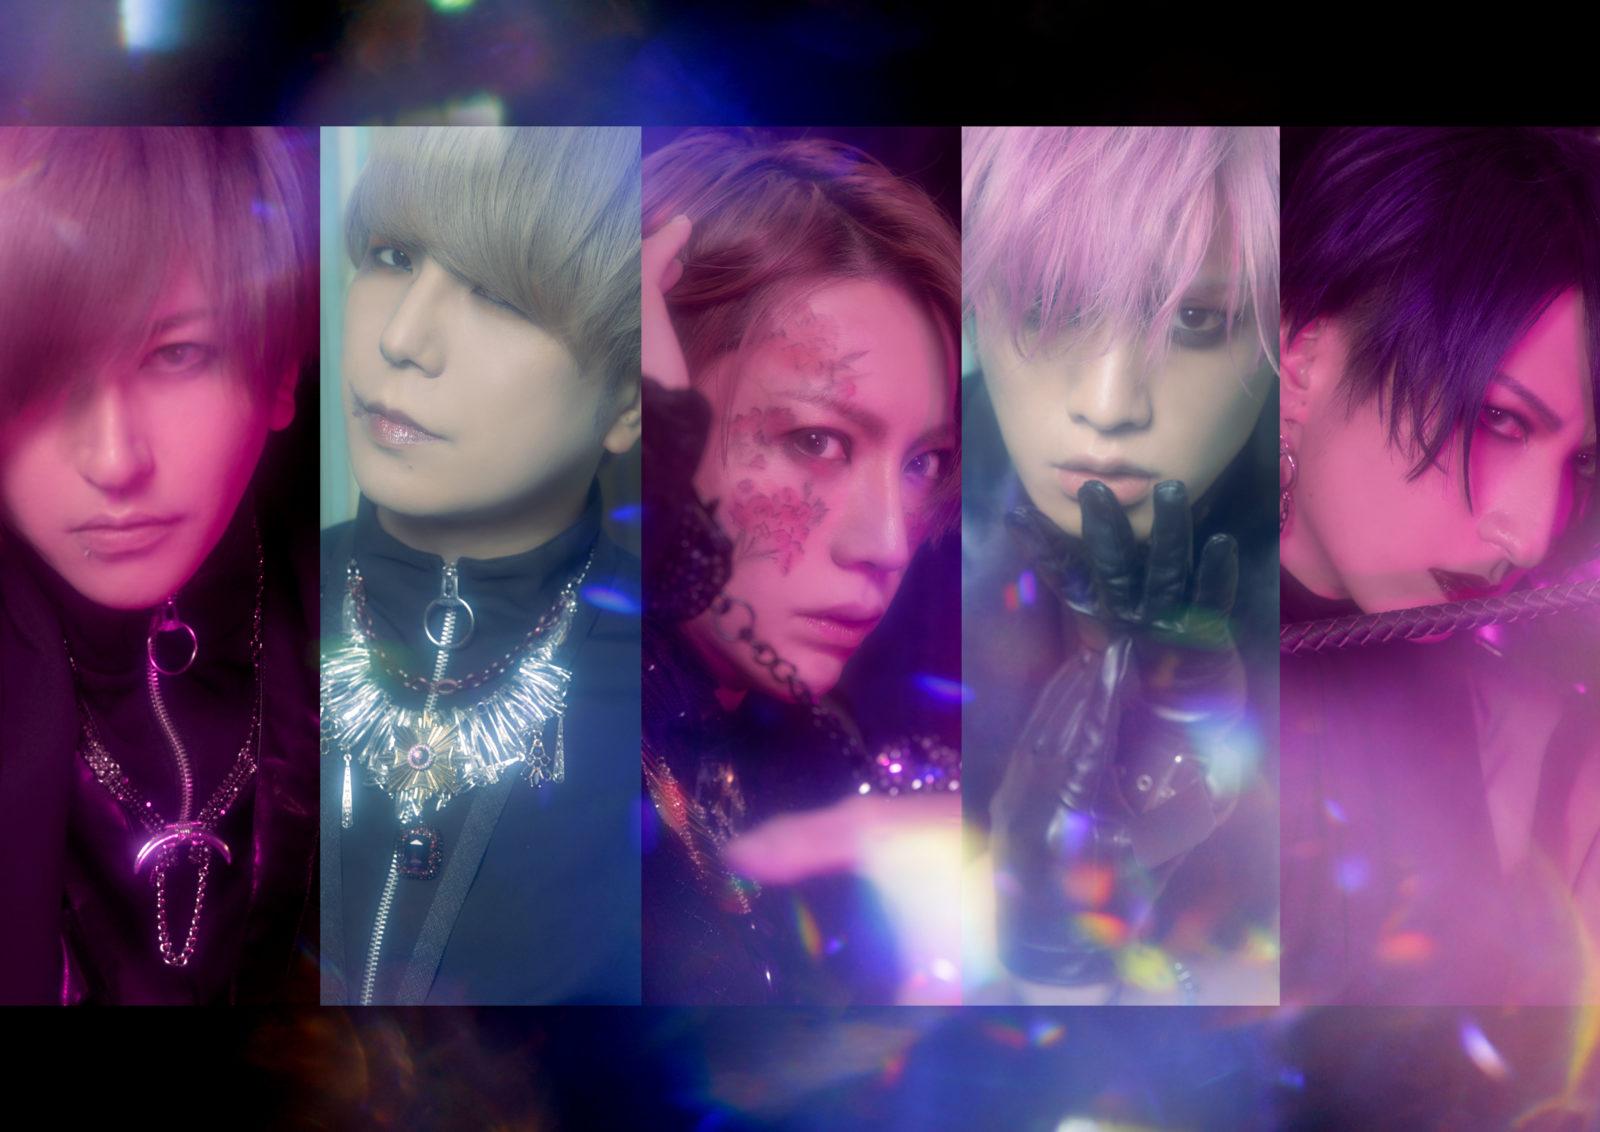 アリス九號.再始動新曲「革命開花-Revolutionary Blooming-」Music Video解禁サムネイル画像